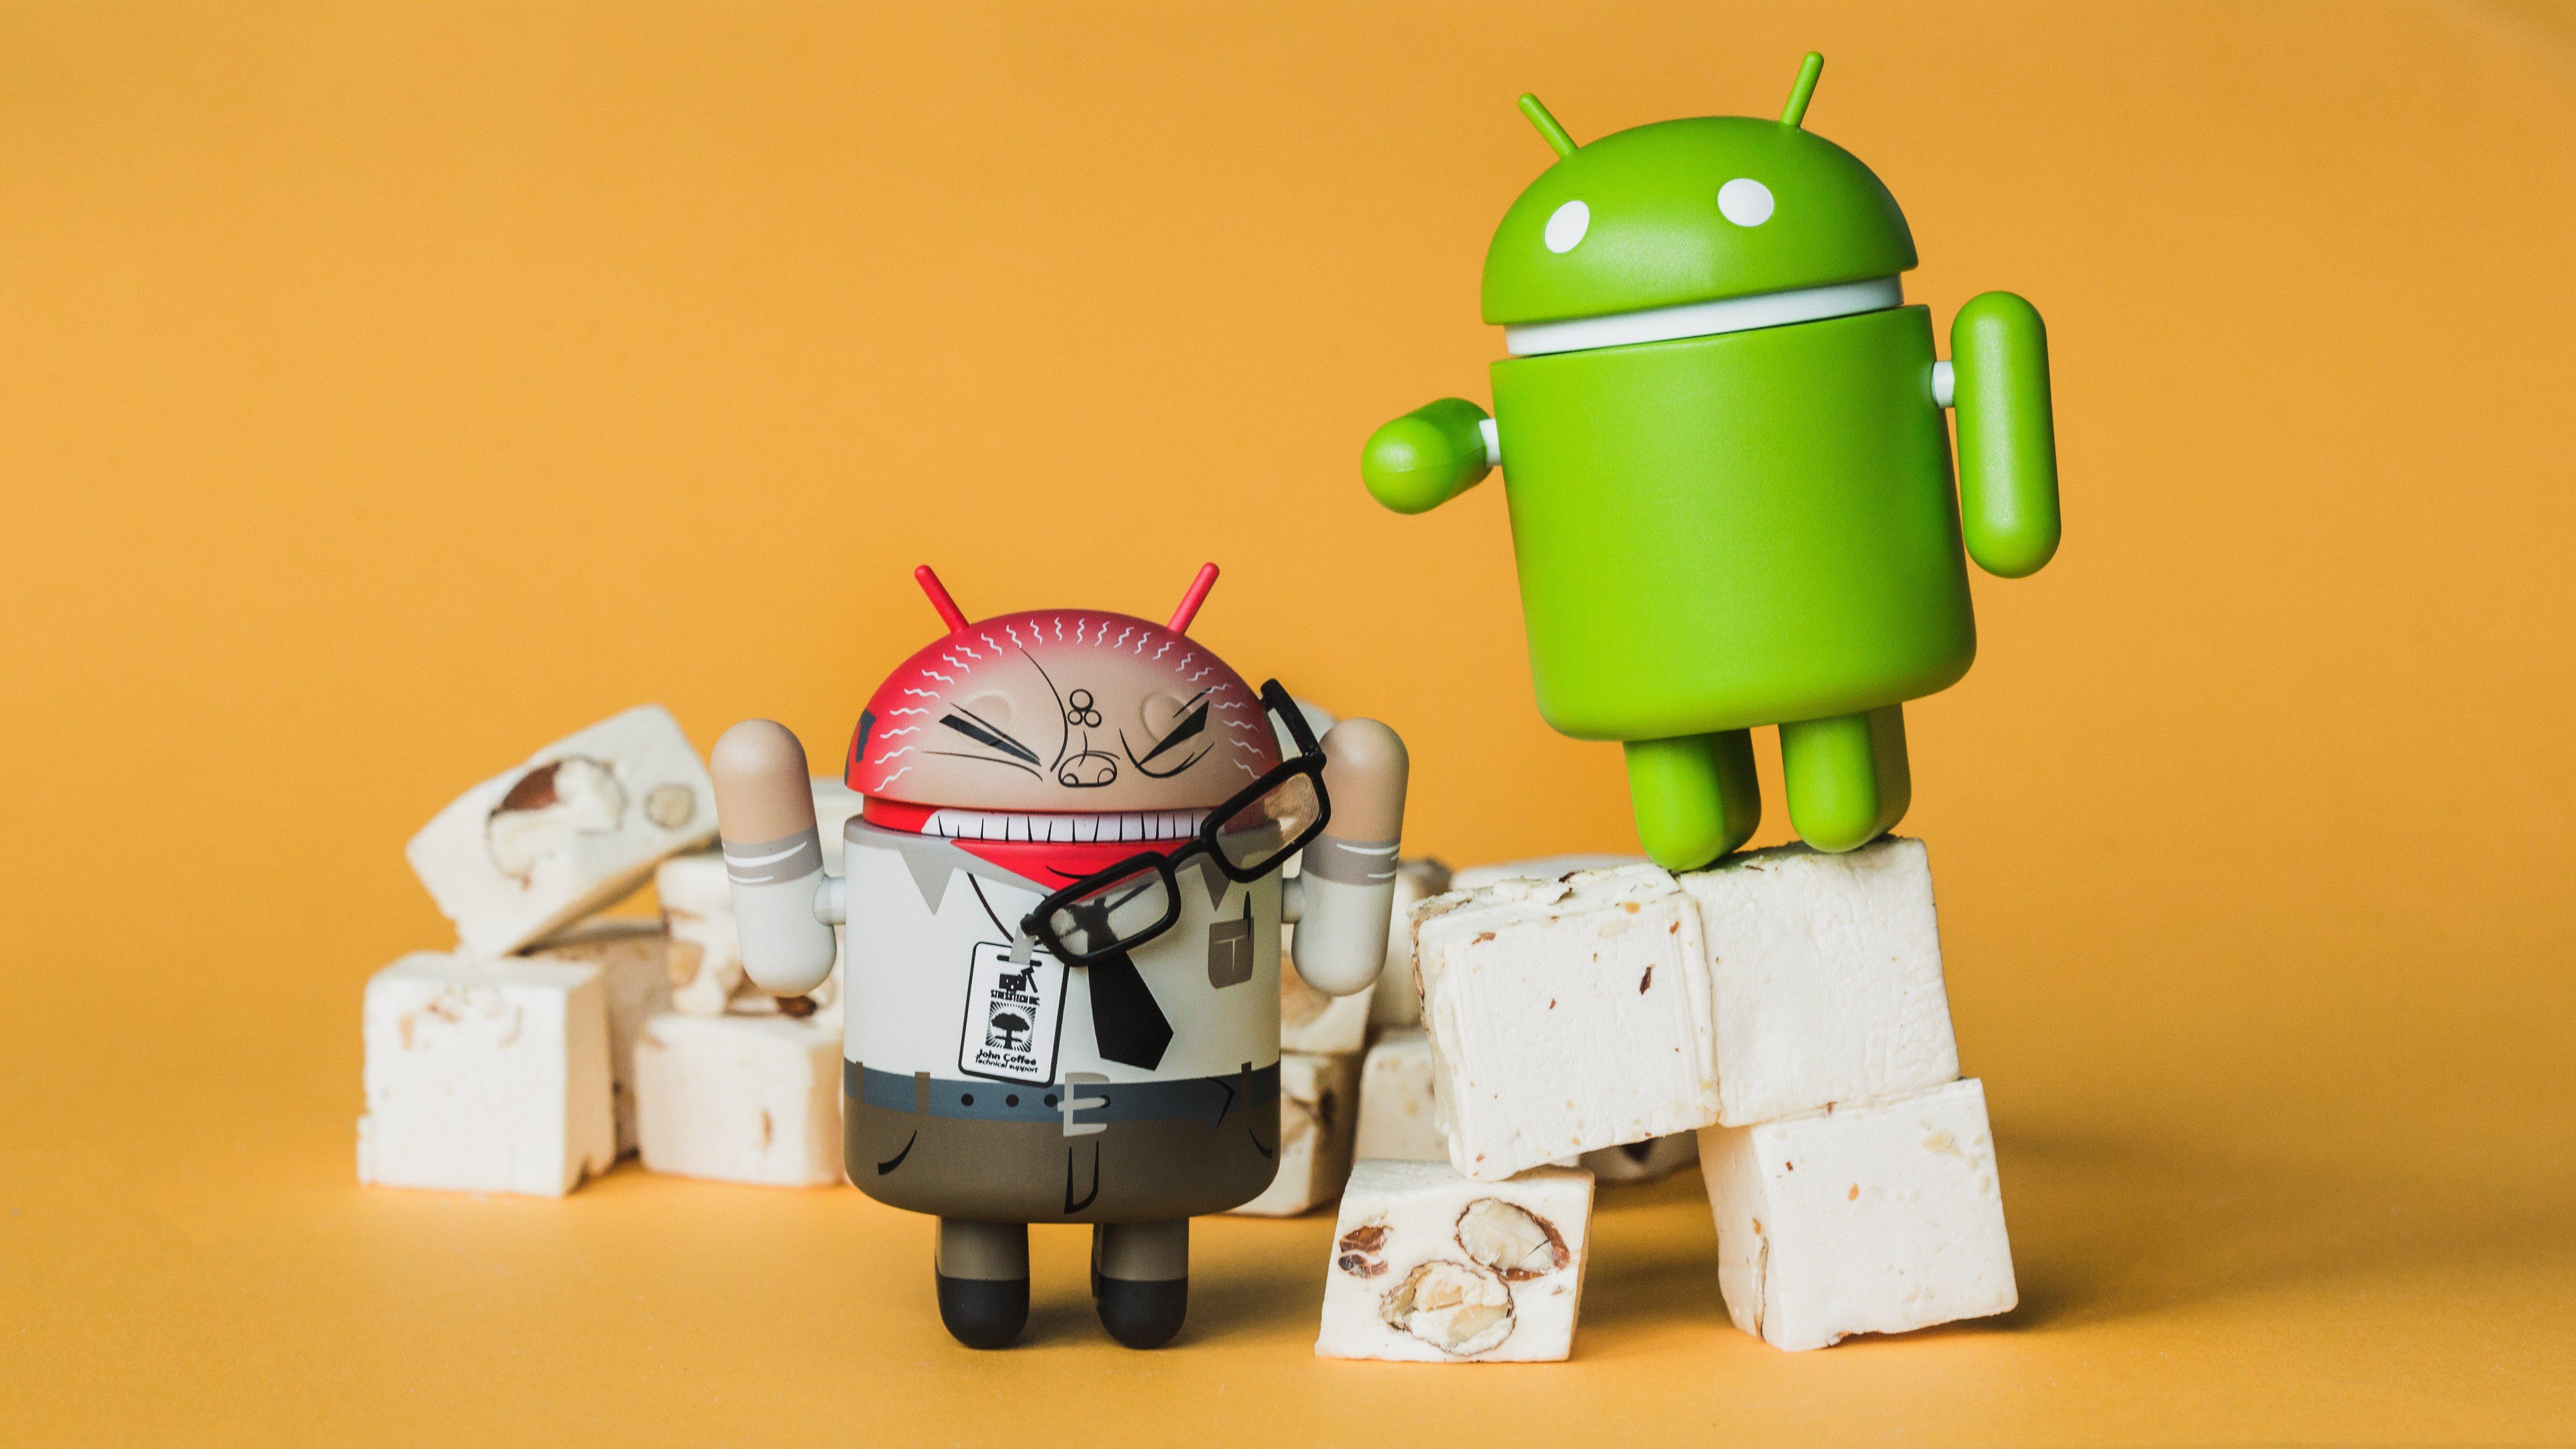 Android 70 Nougat Quali Dispositivi Riceveranno Laggiornamento Xiaomi Mi5c 71 Androidpit